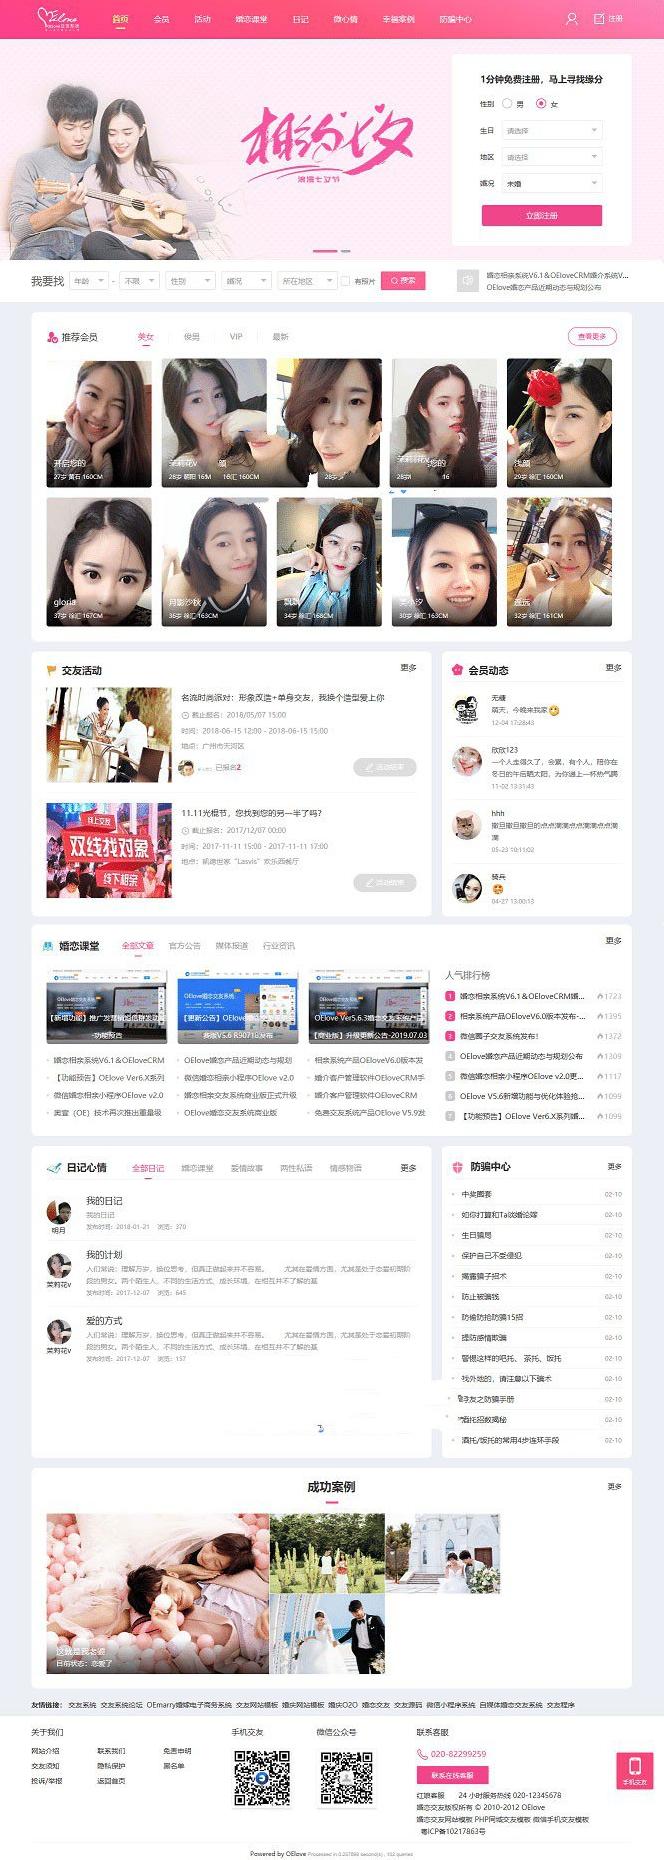 PHP粉红色婚恋交友V6.0版网站系统源码-爱资源分享